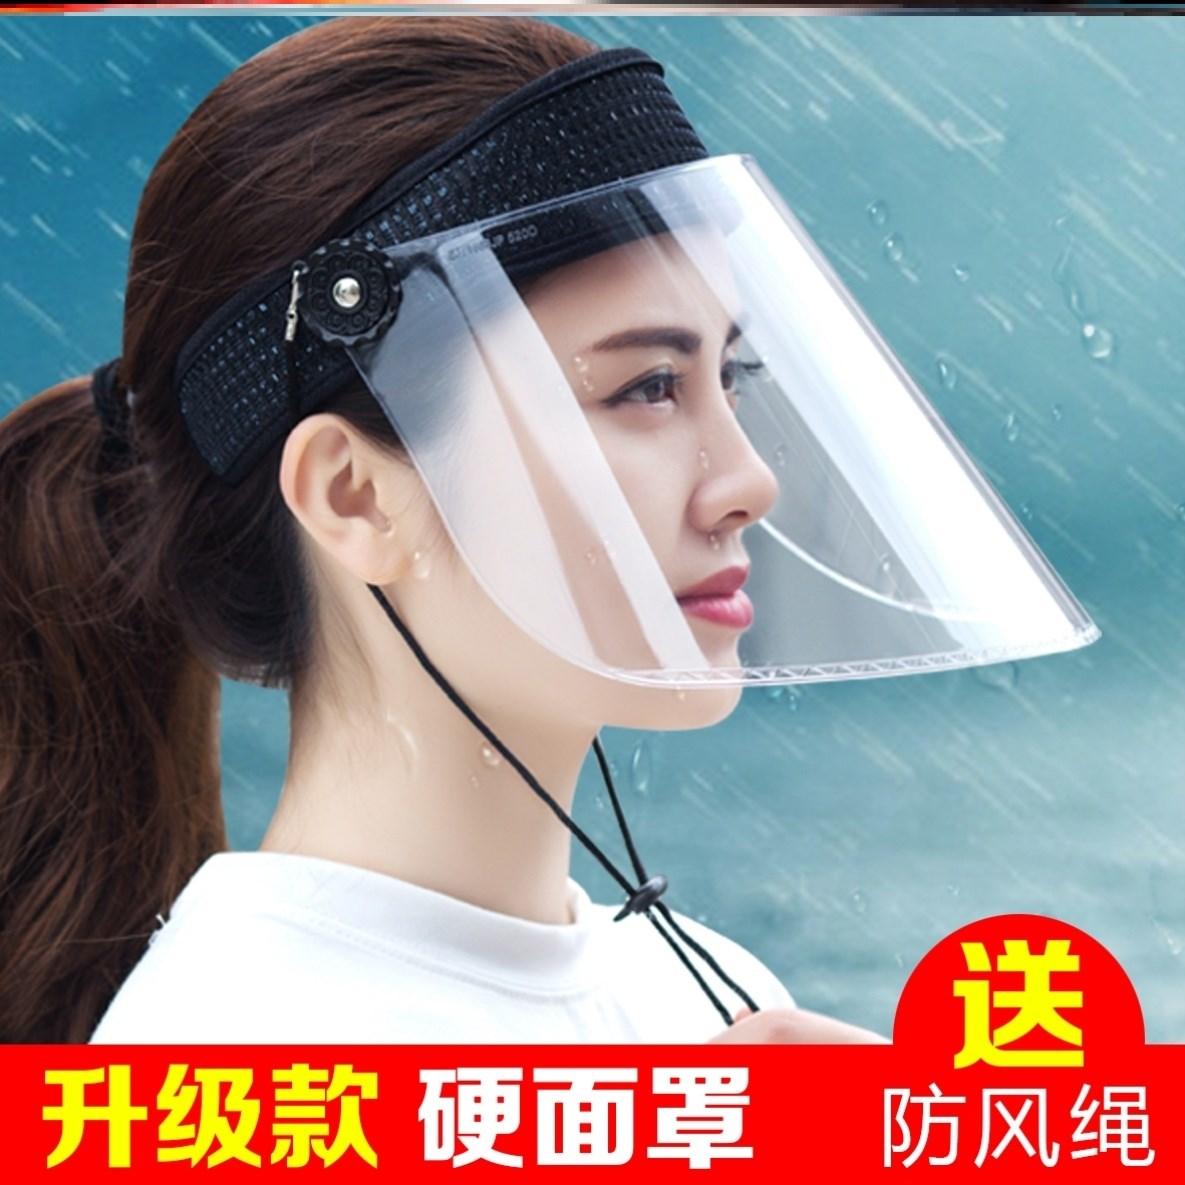 挡雨帽骑行防雨护眼防雨帽子女防水骑车防风头帽防雨全脸头戴式潮